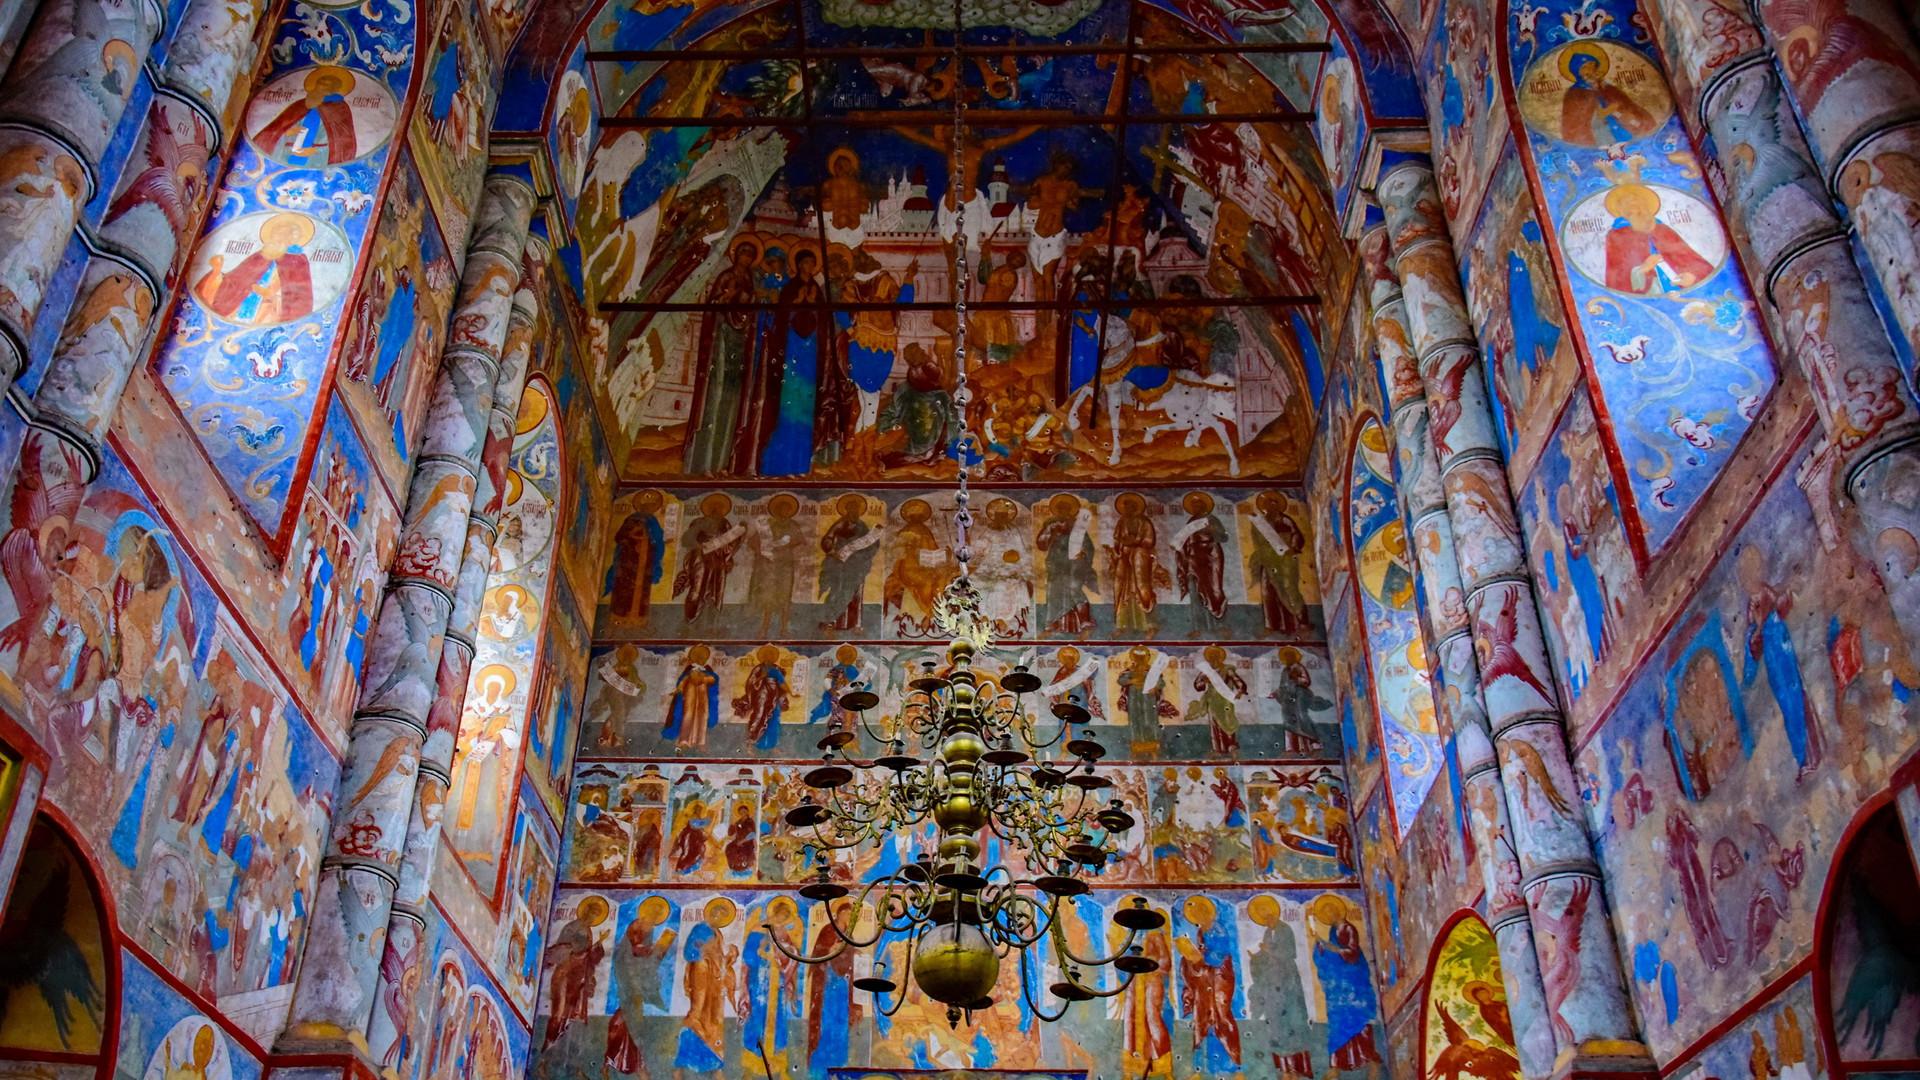 Росписи Ростовского кремля, Ростов